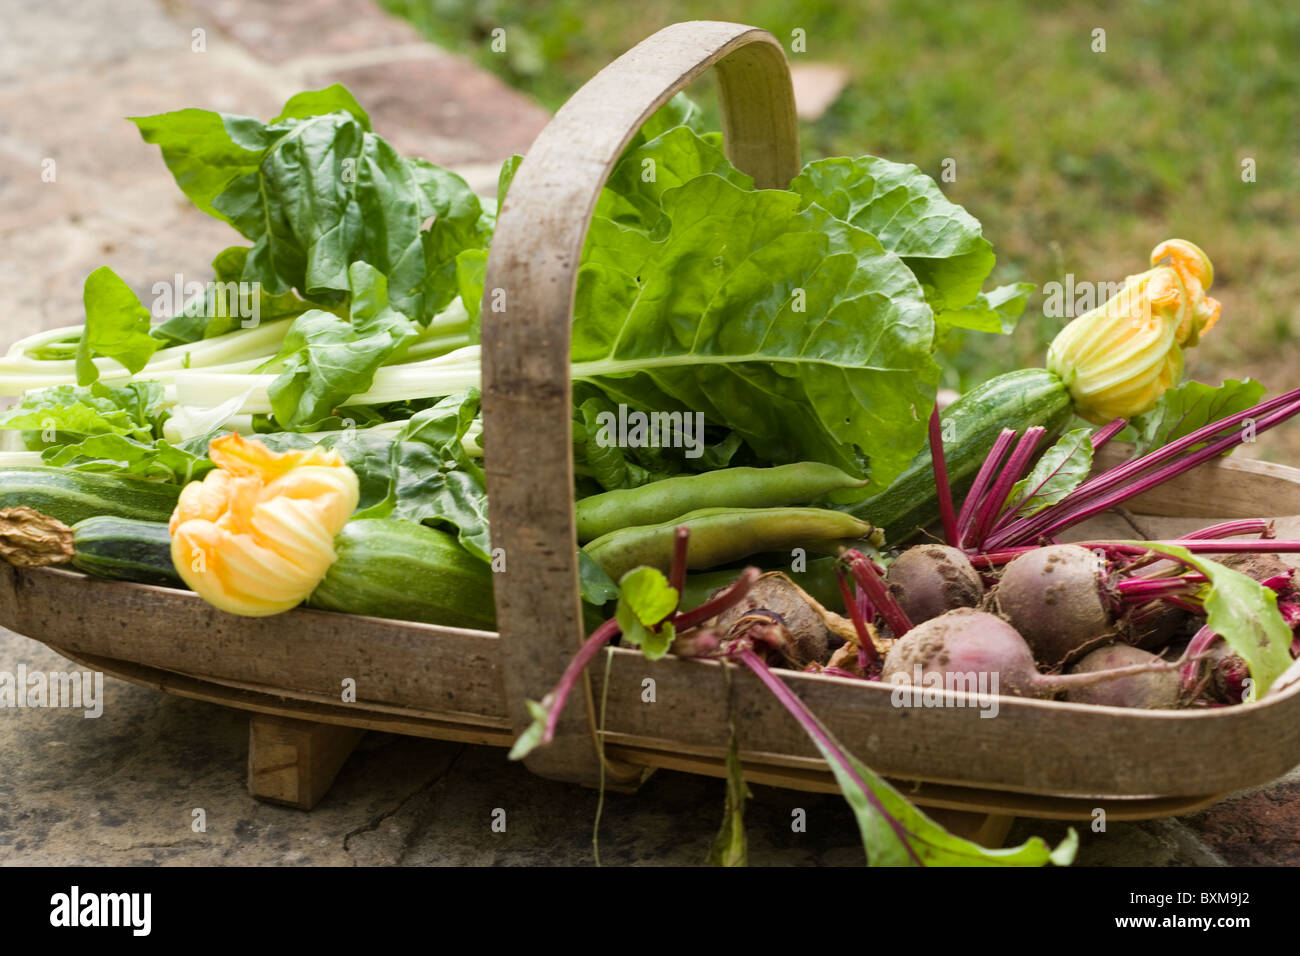 Trug de productos frescos, calabacines, betarraga, espinaca, acelga y habas Imagen De Stock